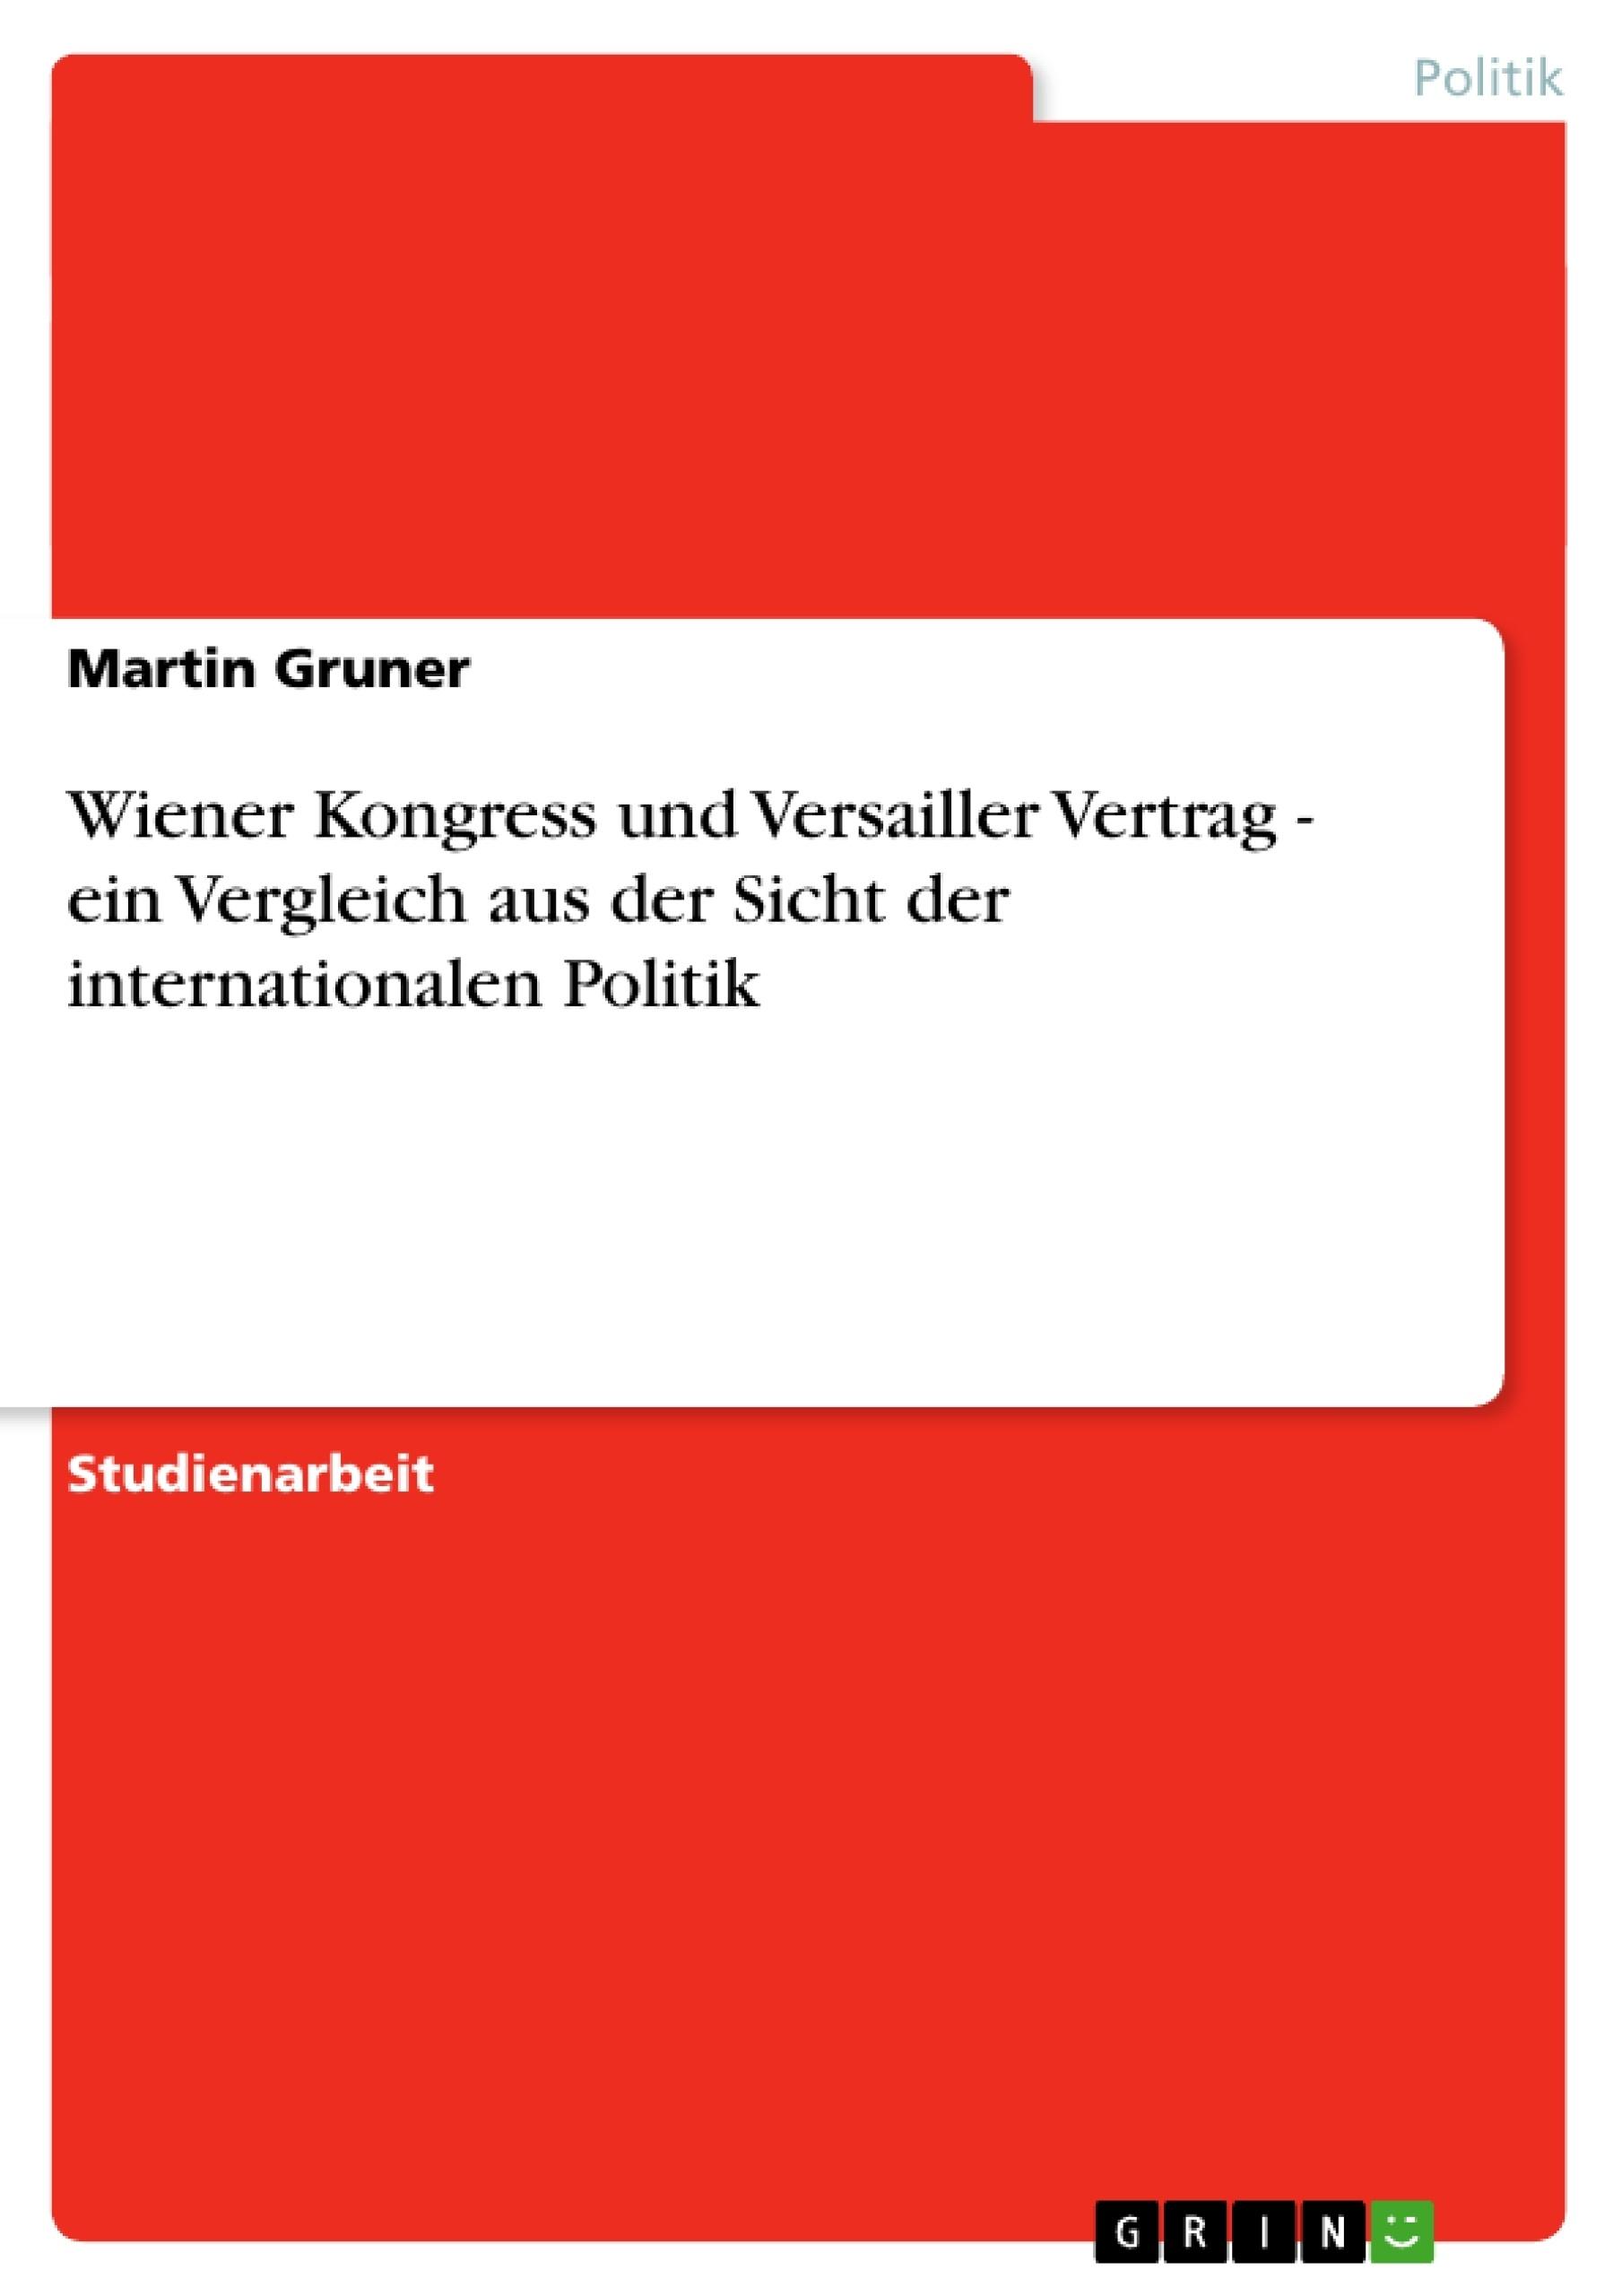 Titel: Wiener Kongress und Versailler Vertrag - ein Vergleich aus der Sicht der internationalen Politik